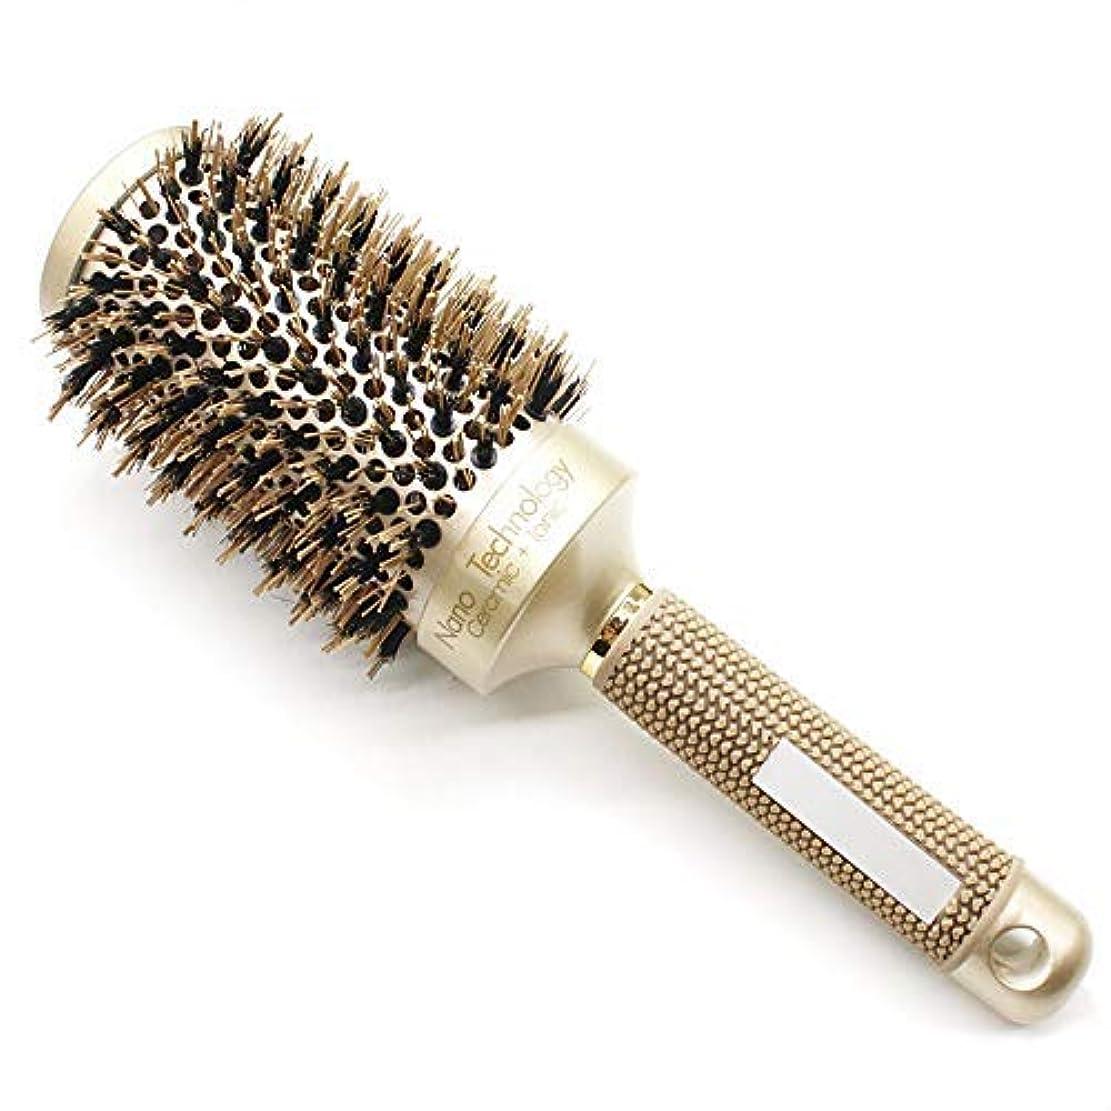 完全に乾くどこでも全員BeautyMore Nano Thermal Ceramic & Ionic Round Barrel Anti-Static Hair Brush with Boar Bristle, for Hair Drying...